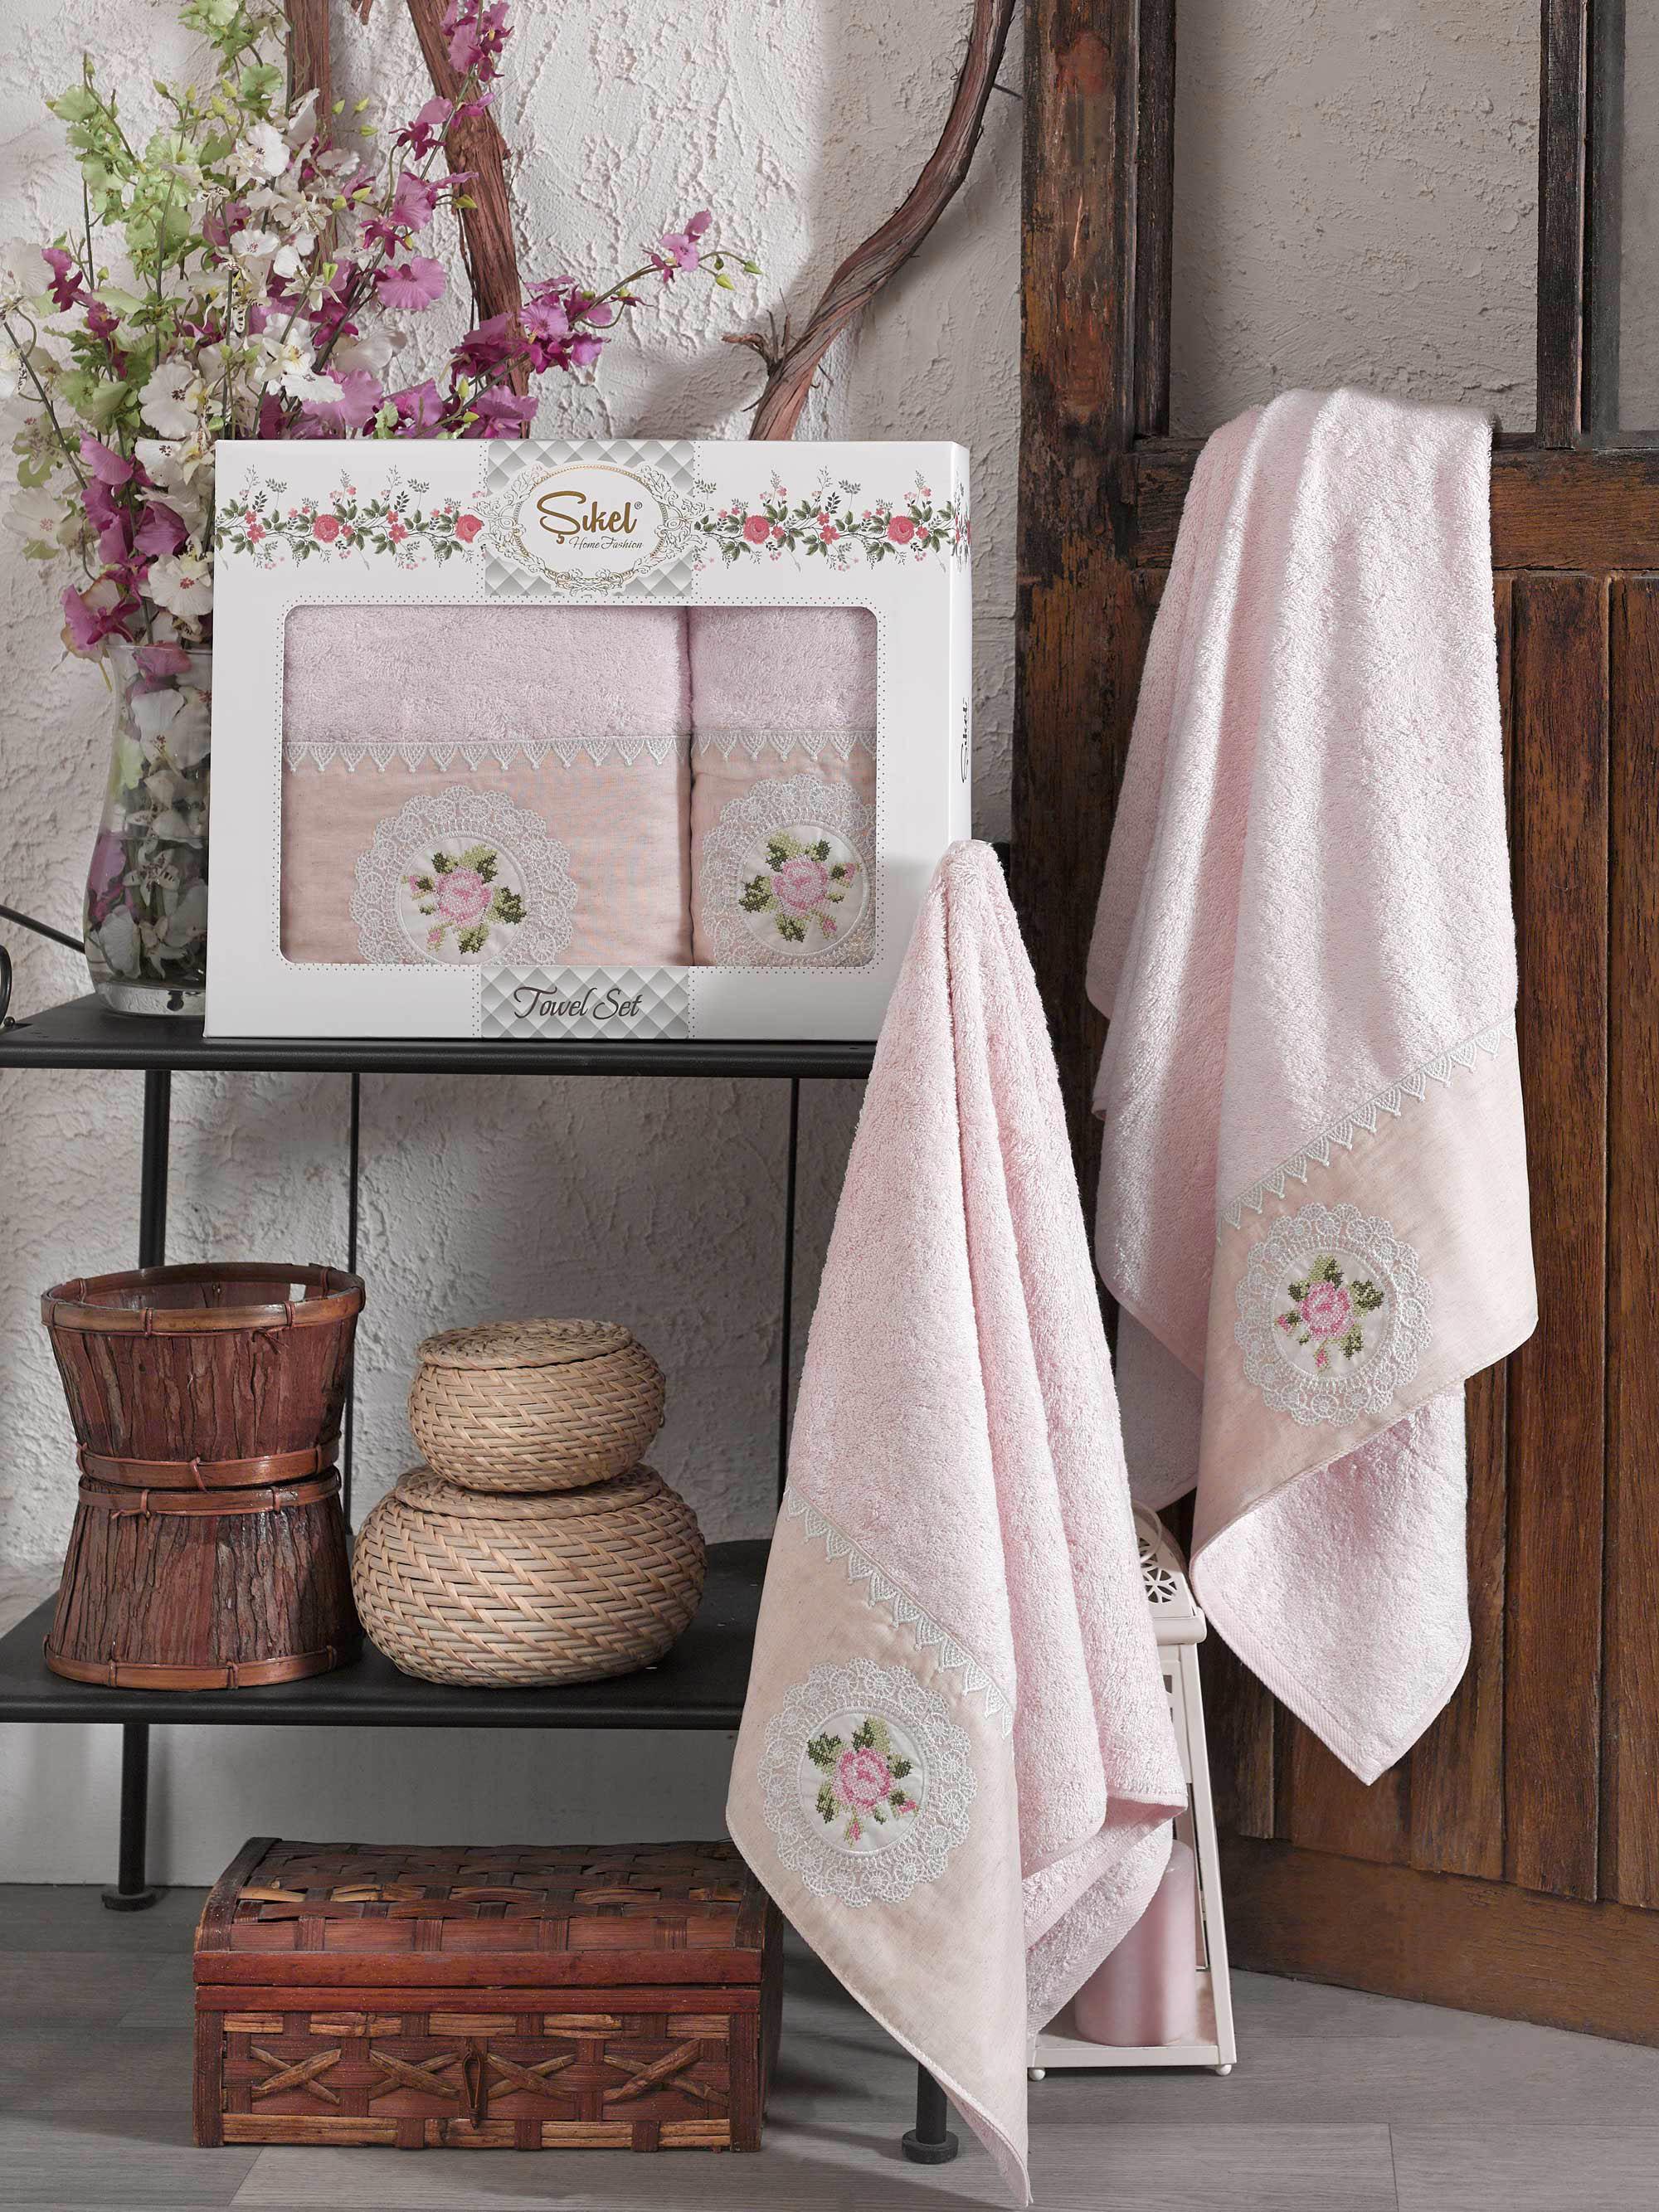 Купить Полотенца Sikel, Полотенце Kanevice Цвет: Розовый (50х90 см, 70х140 см), Турция, Бамбук